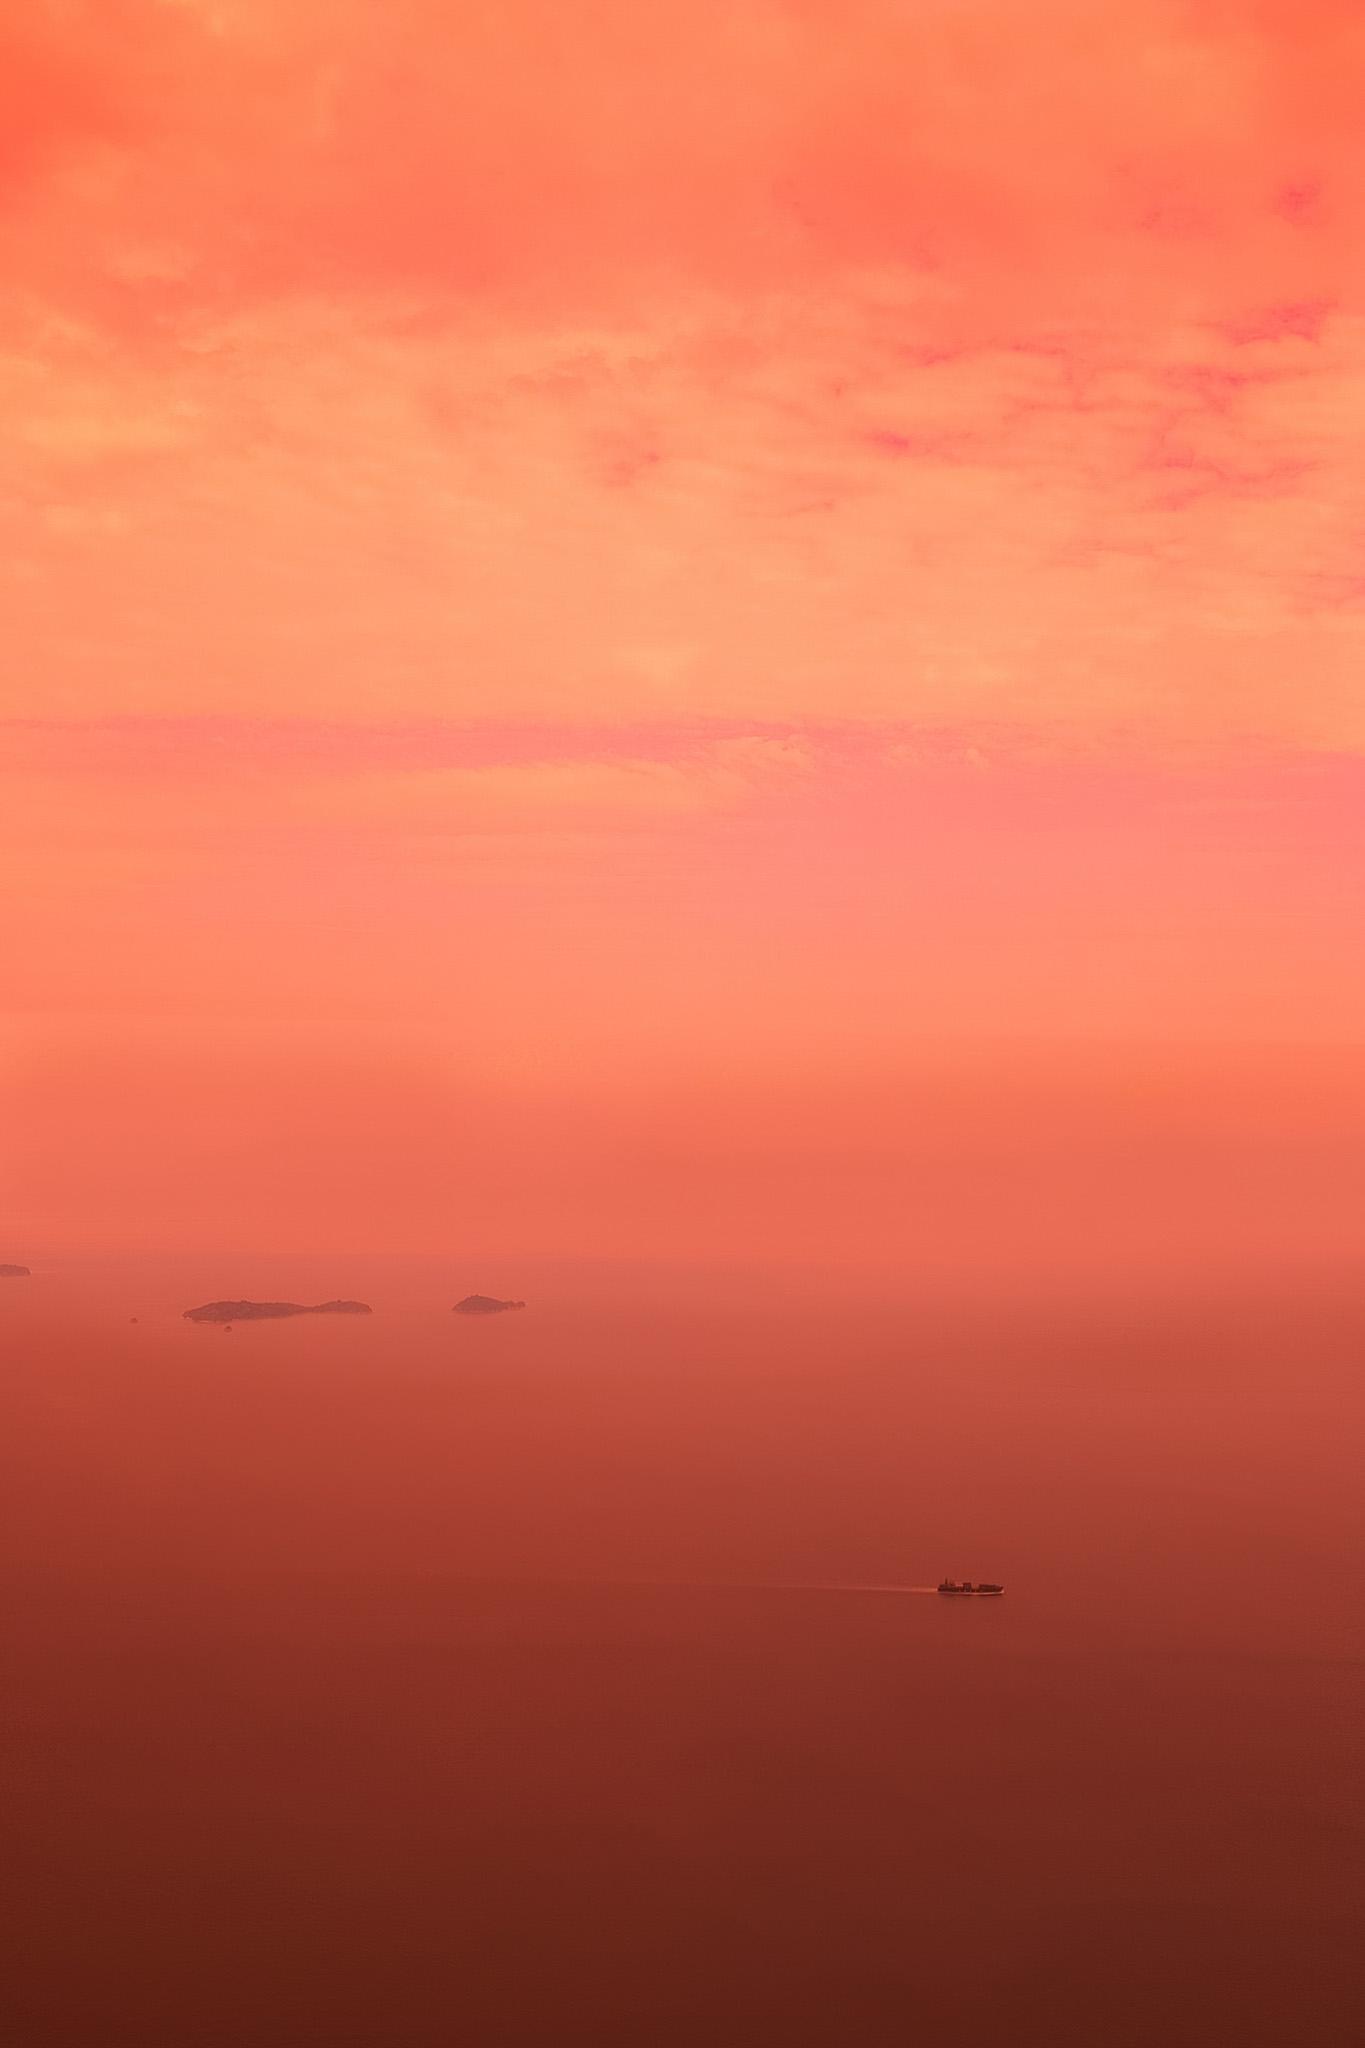 「夕焼けに包まれる穏やかな海」の素材を無料ダウンロード